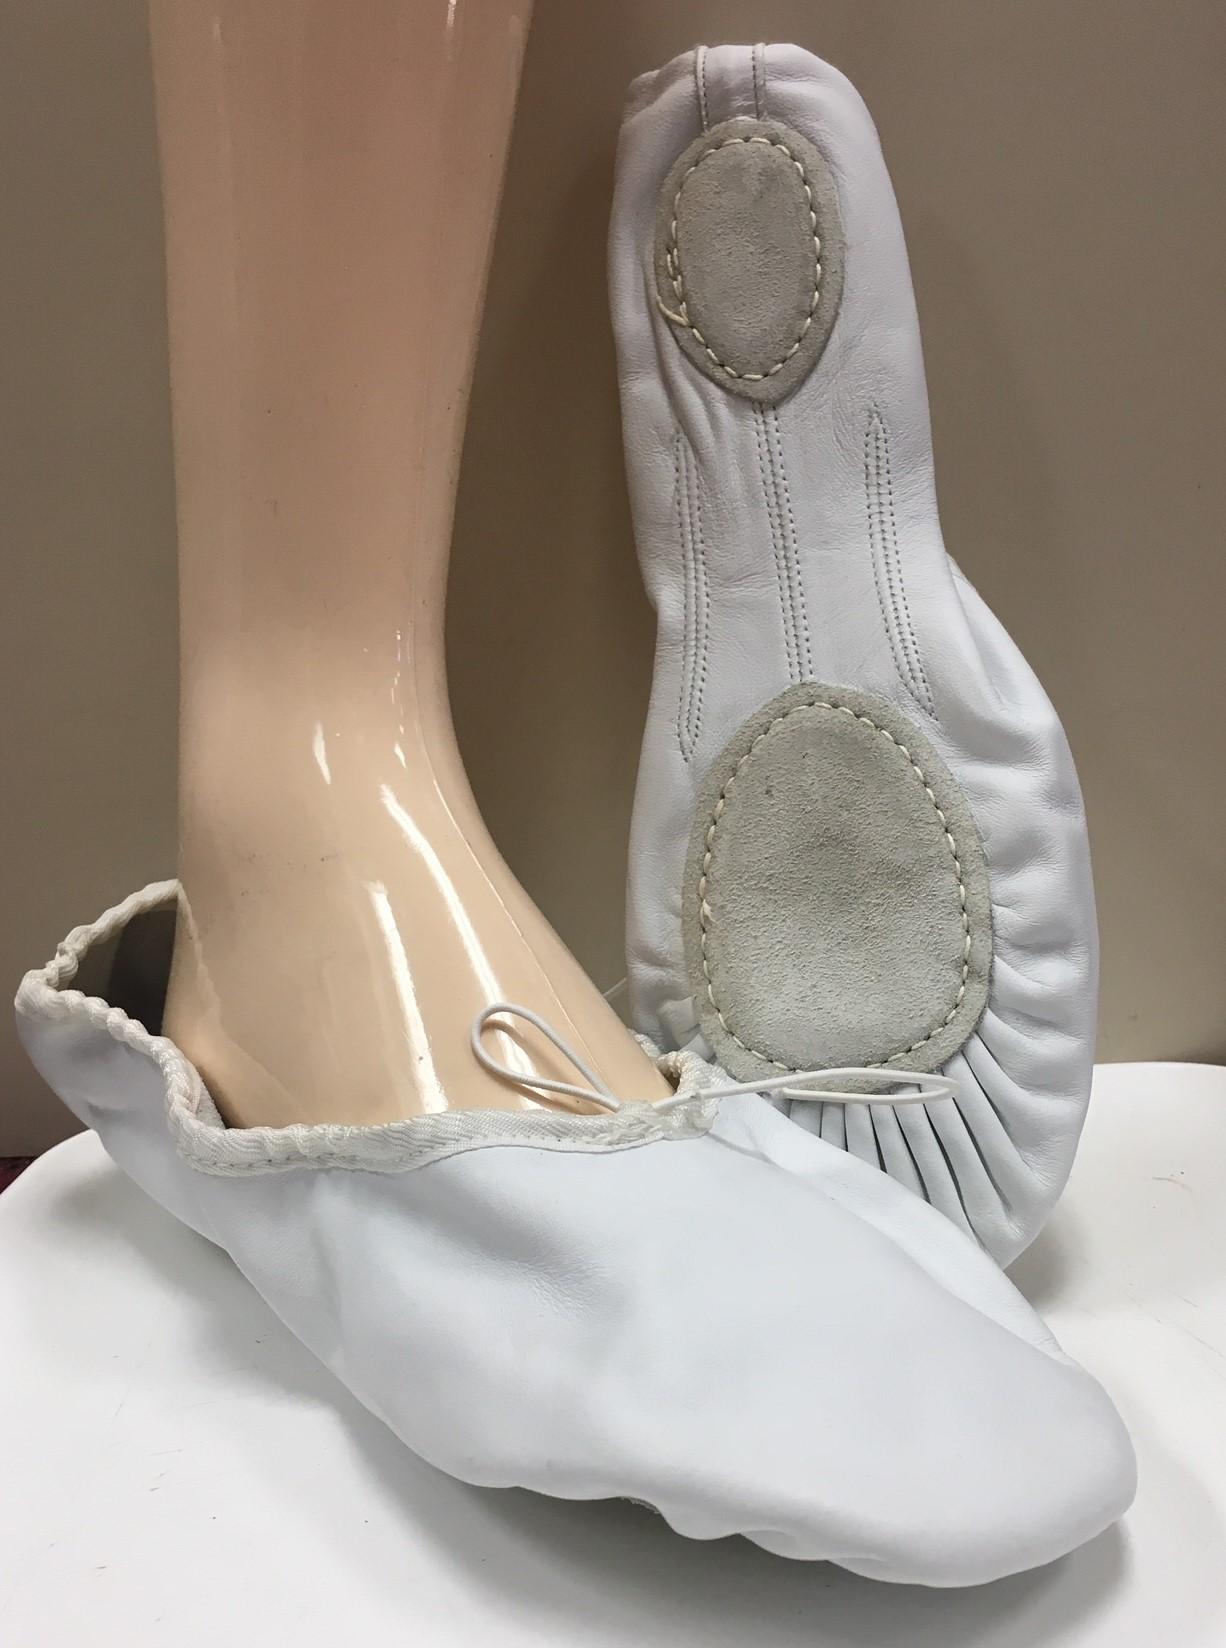 Capezio Men's Leather Split Sole Ballet Shoes